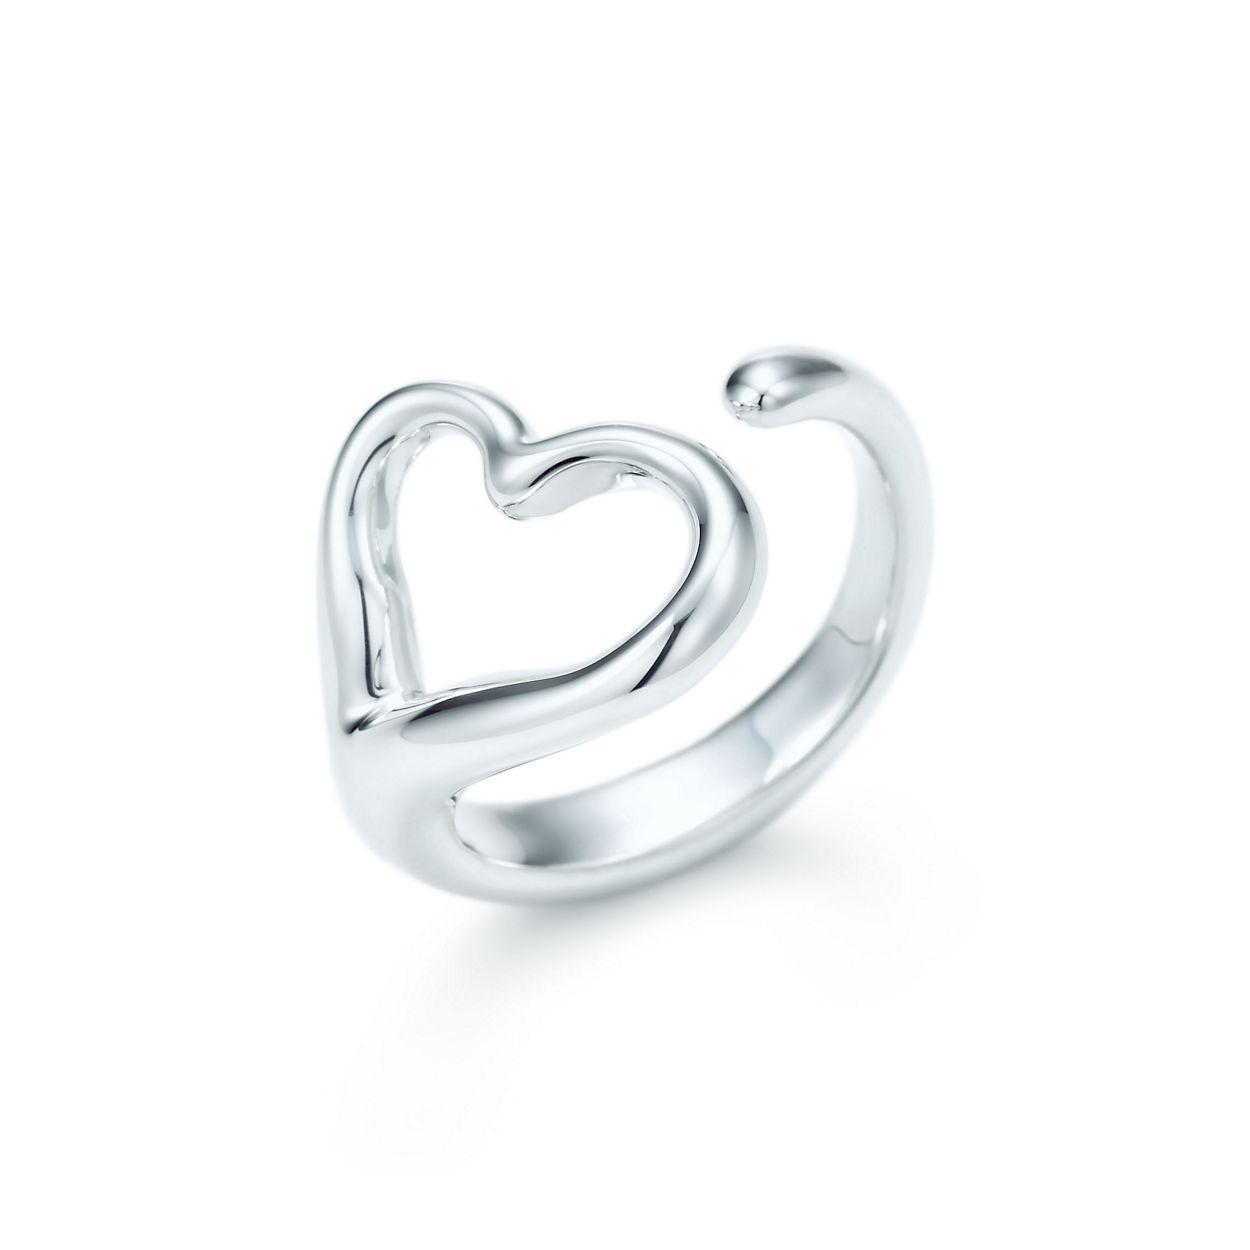 Elsa Peretti Sevillana ring in sterling silver, small - Size 4 1/2 Tiffany & Co.